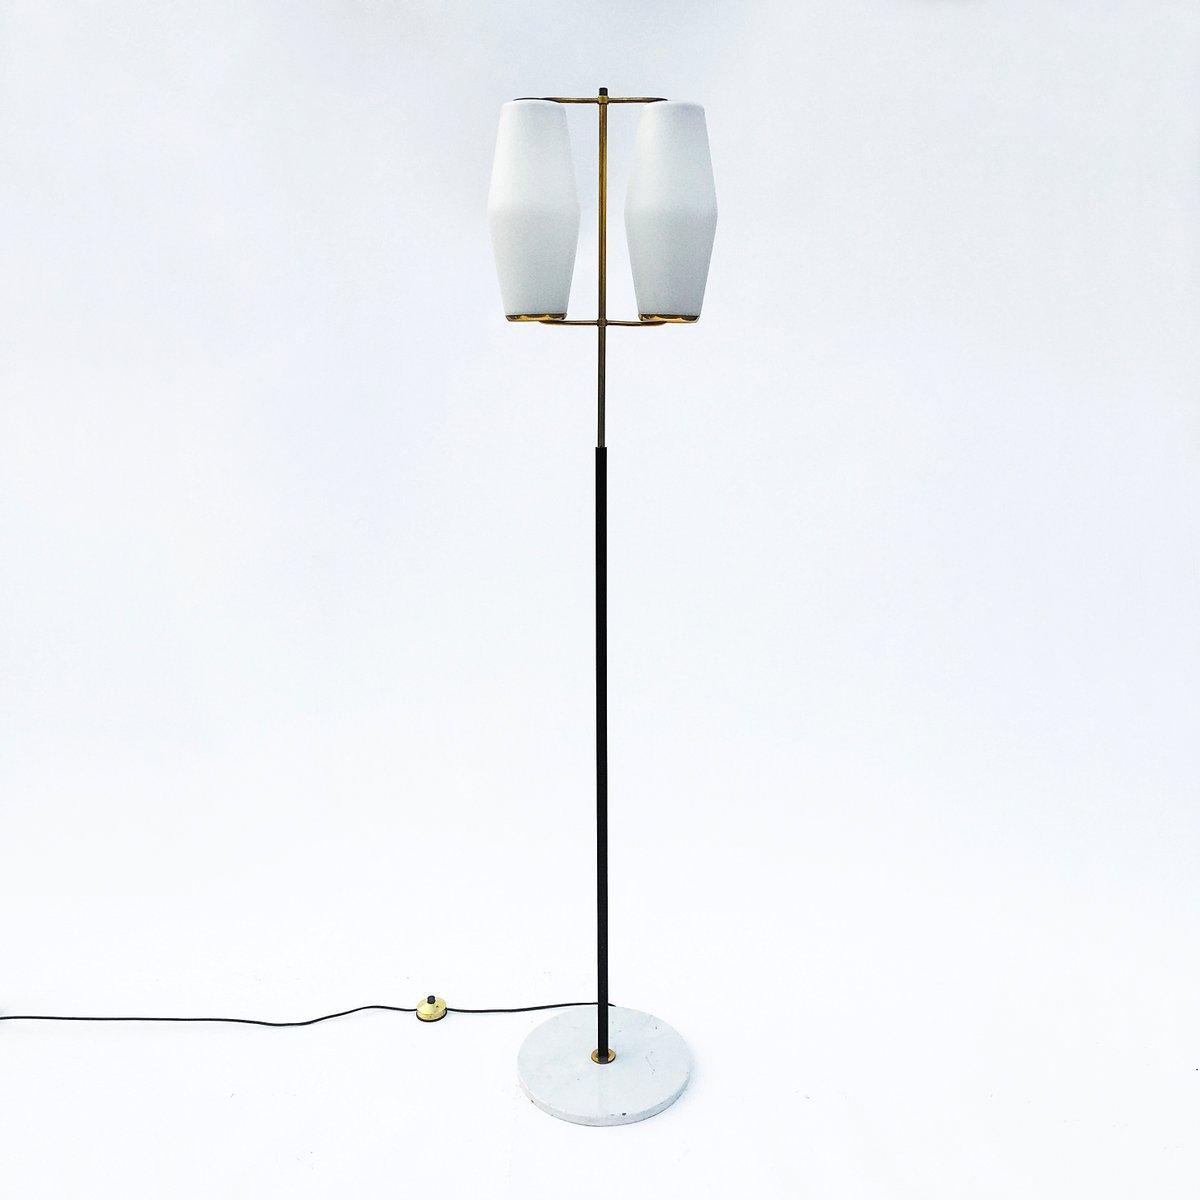 Stehlampe mit 2 Leuchten von Stilnovo, 1950er